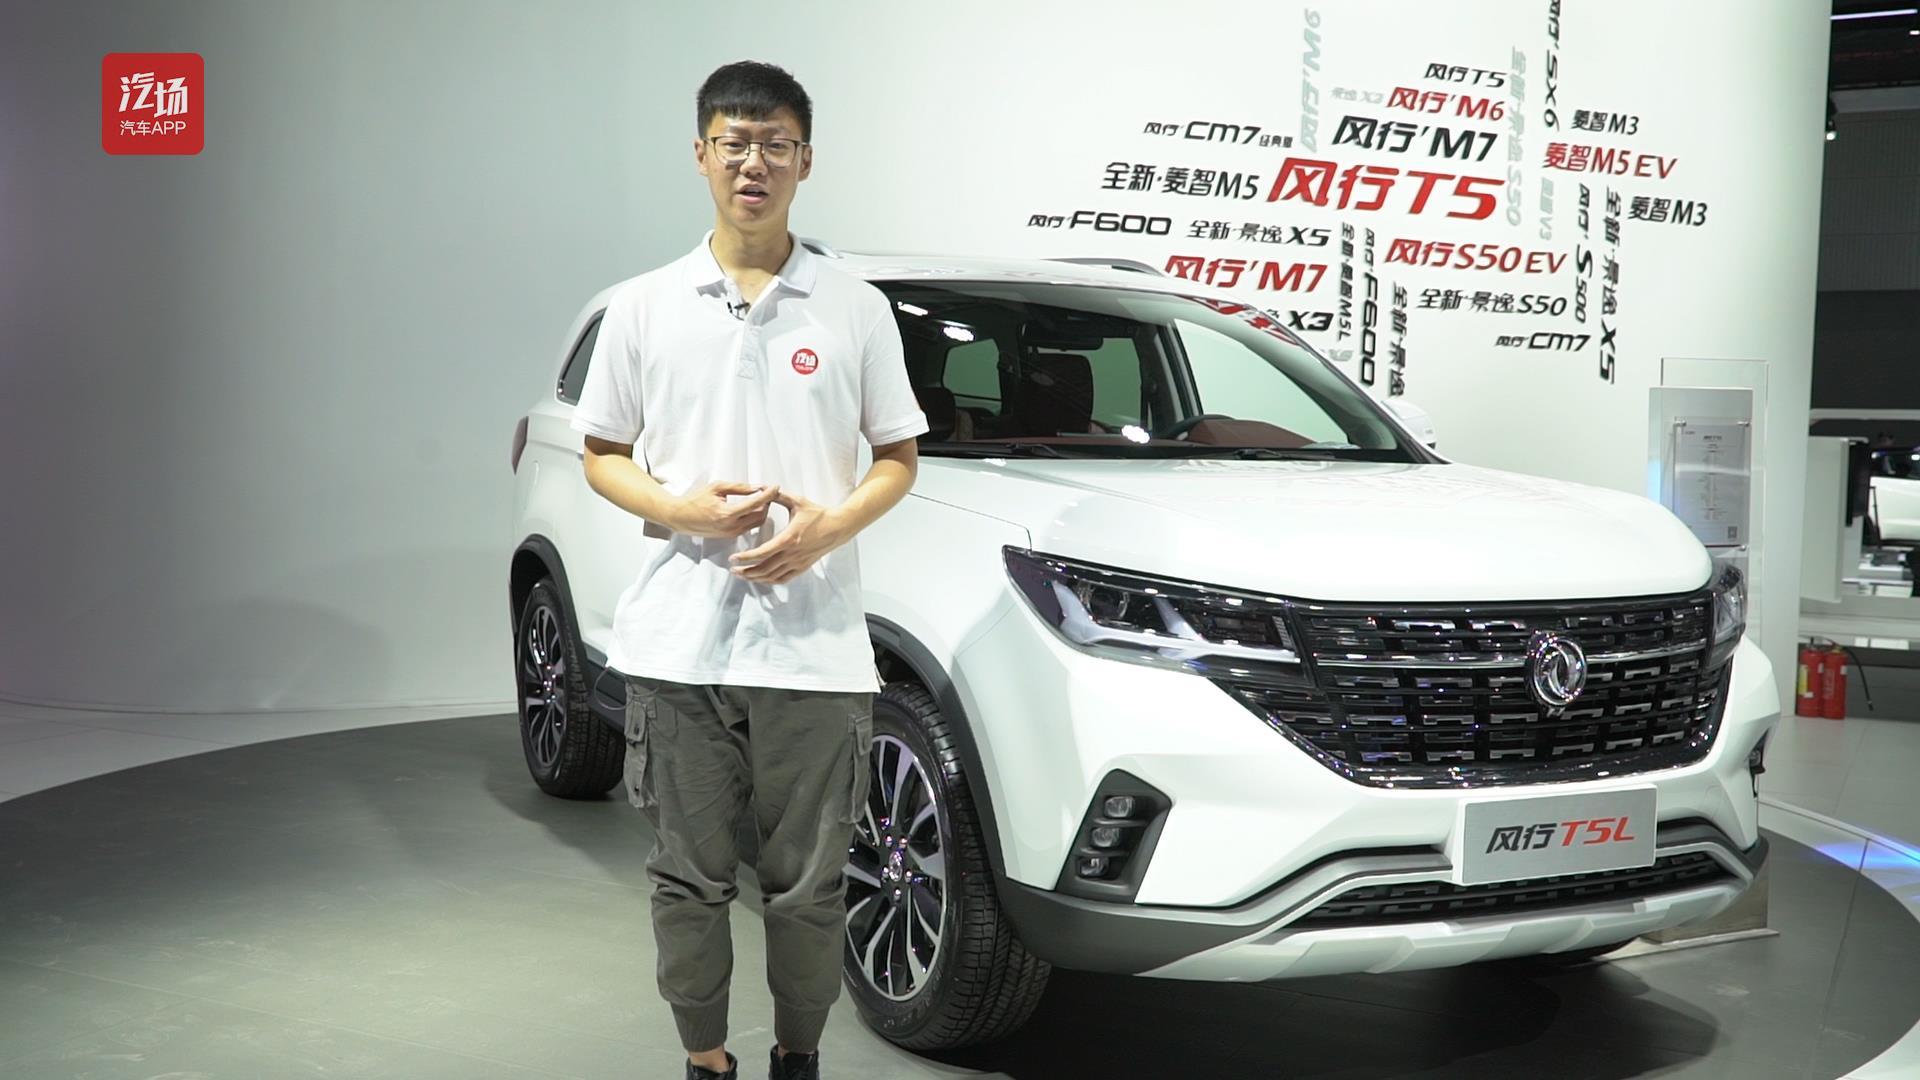 """差异化竞争7座SUV市场 东风风行T7更""""大""""更新"""